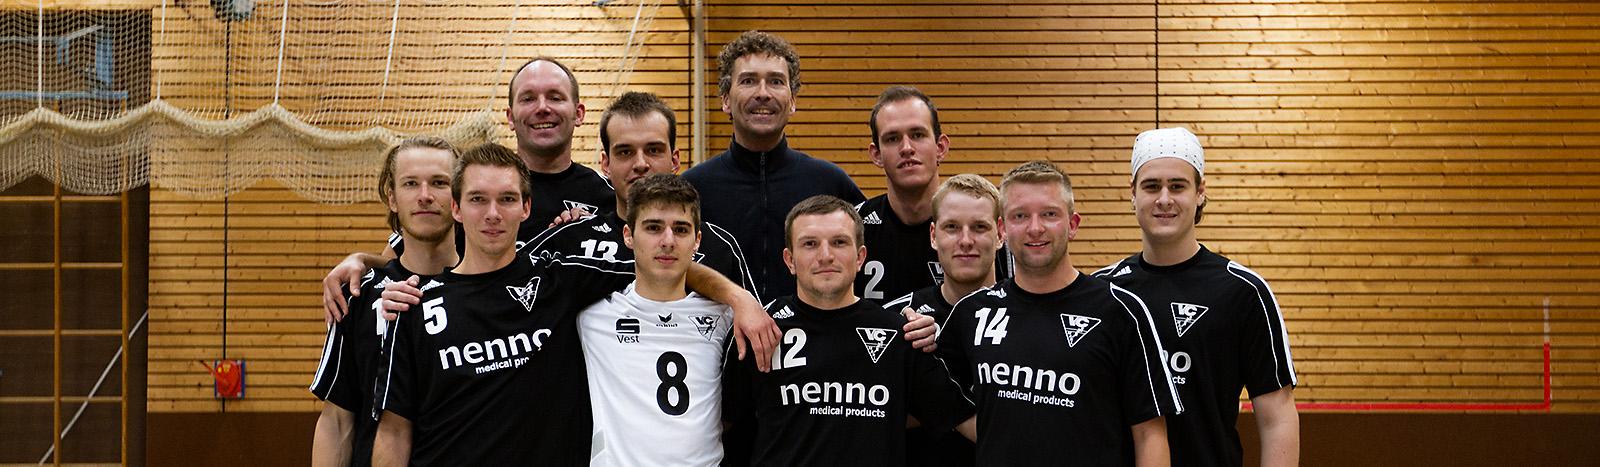 VC_2_Herren-Mannschaft-Header